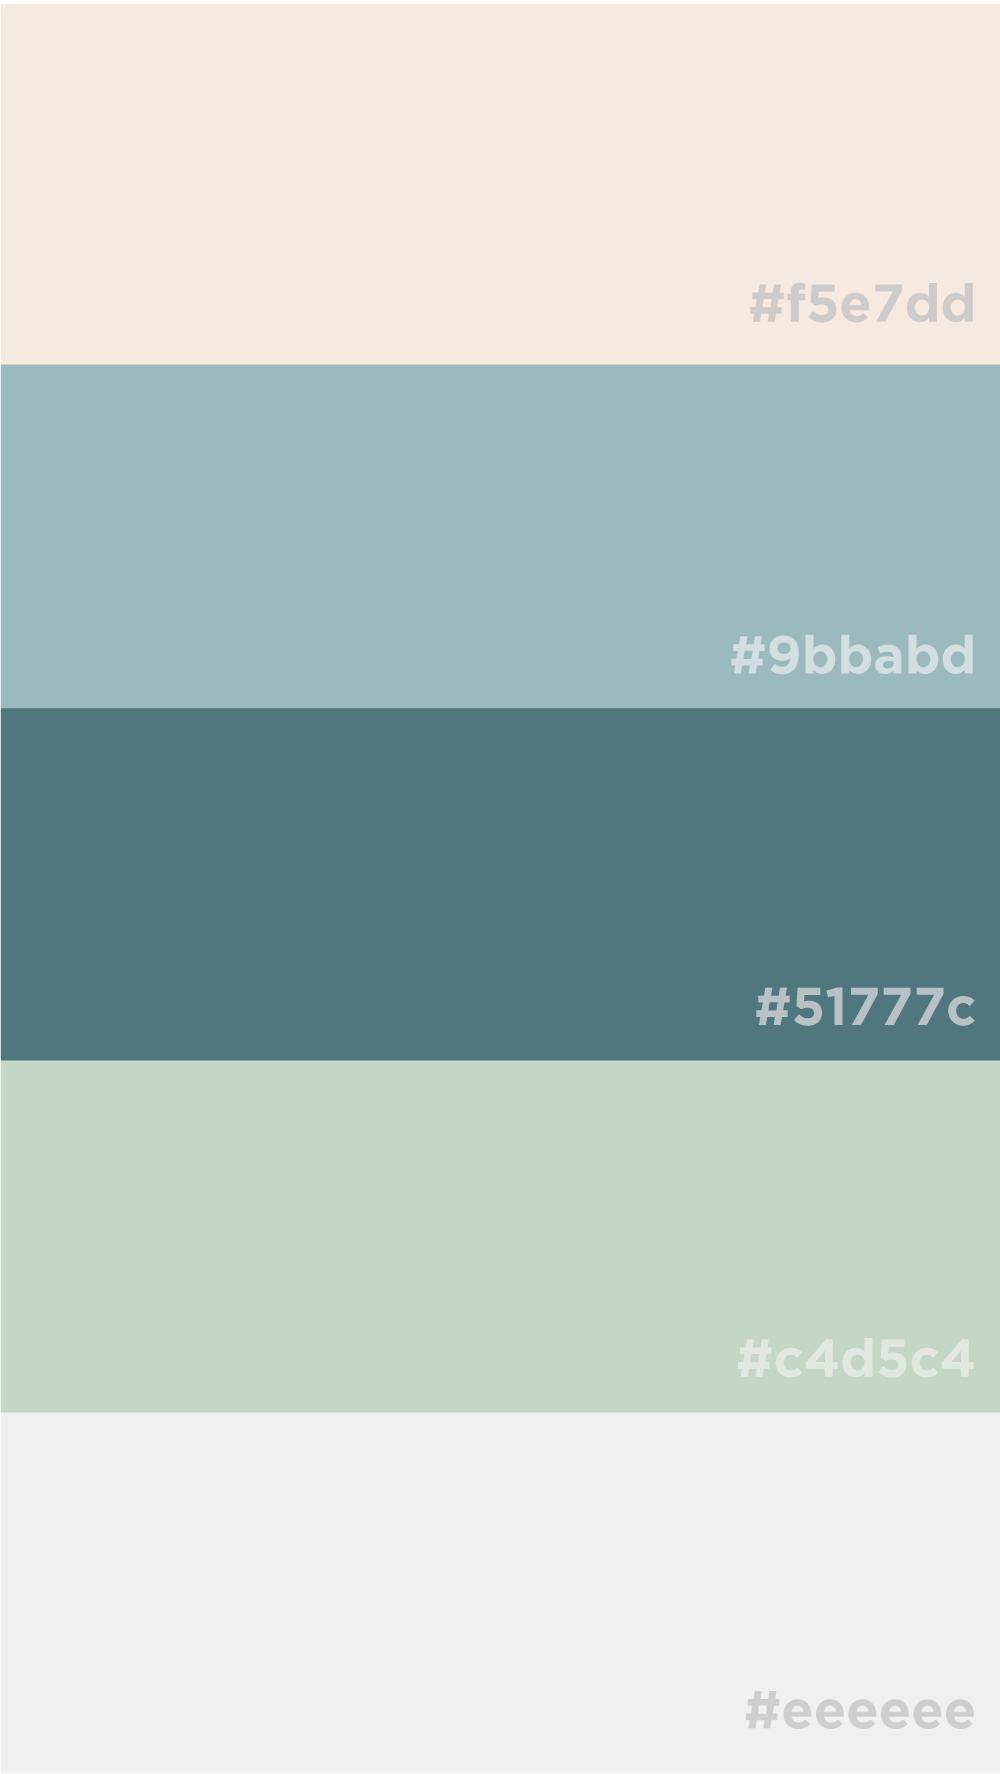 Calm Neutrals Color Palette Soft Blues And Sage Green Green Colour Palette Color Palette Design Green Palette